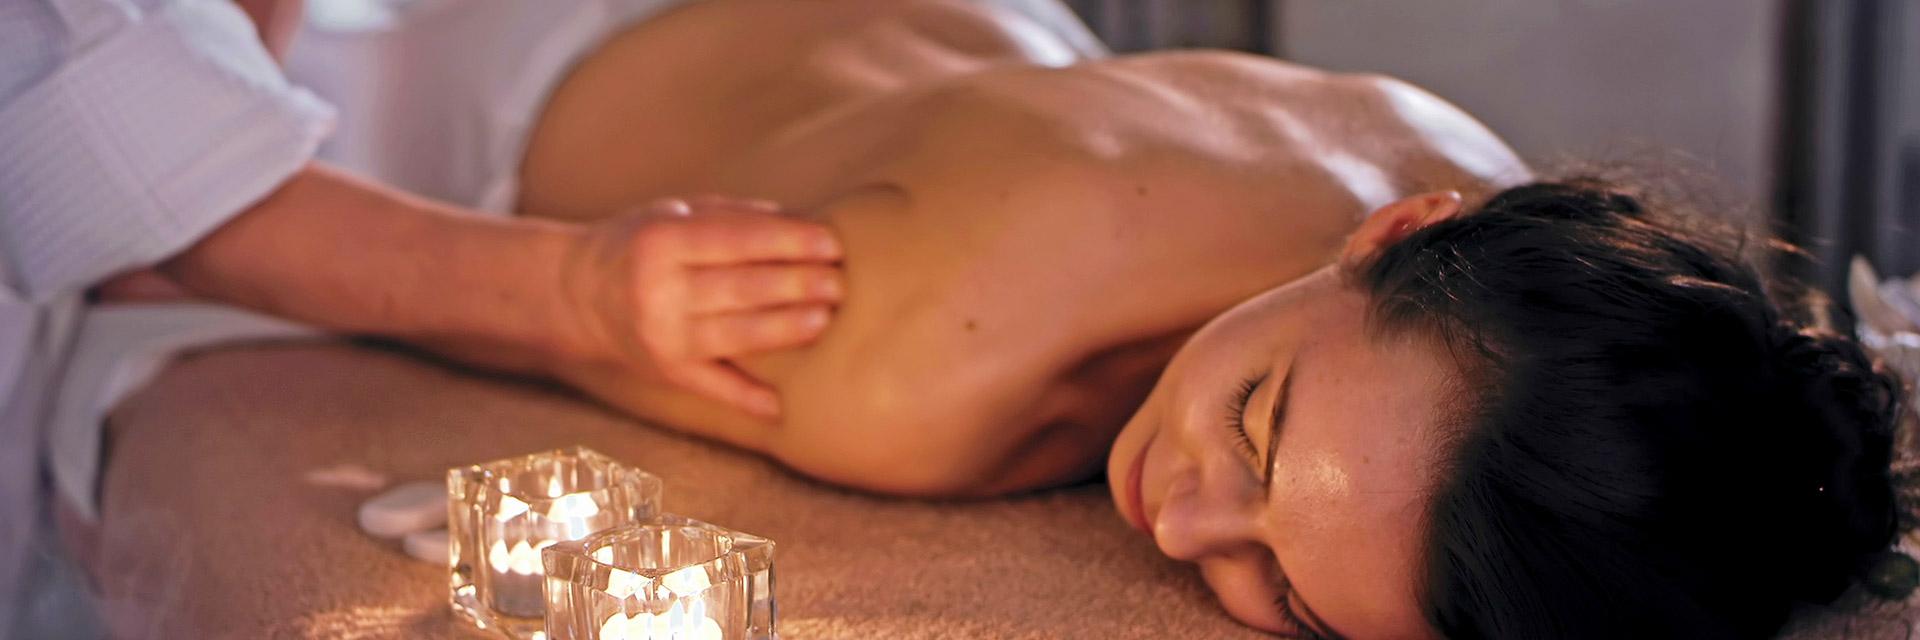 spa och wellness